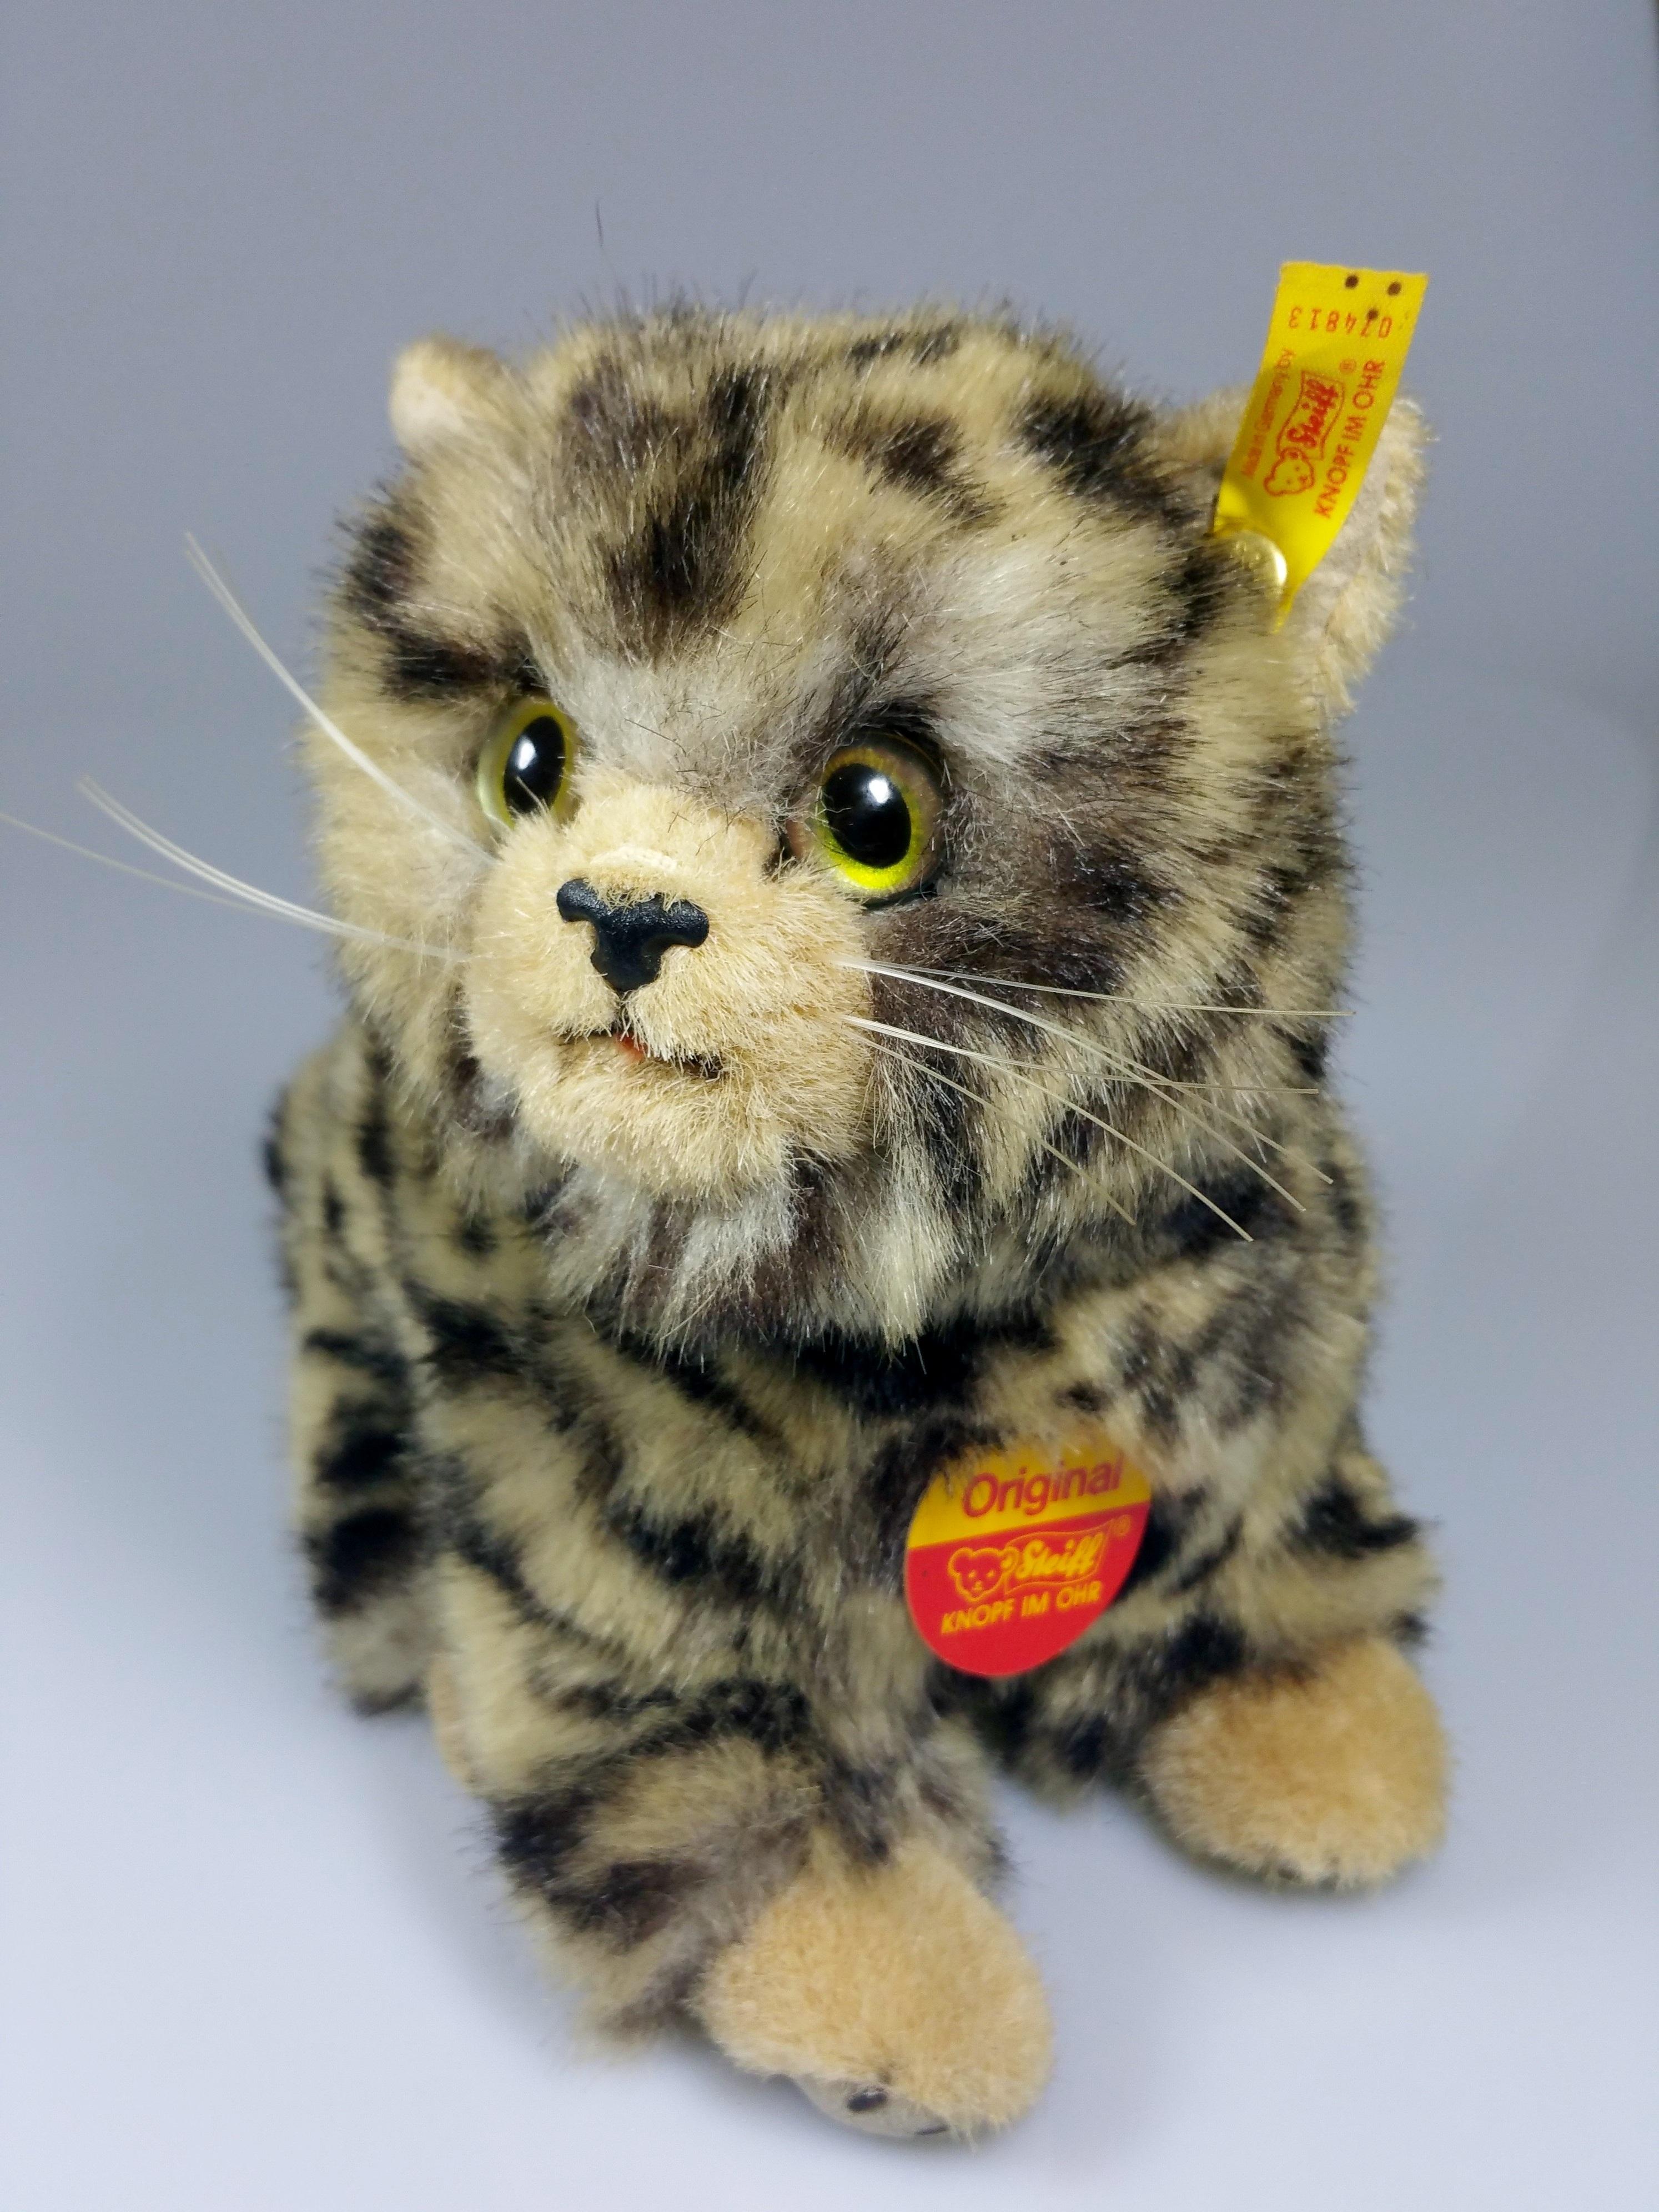 hình ảnh : Mèo con, con mèo, Động vật có vú, gấu bông, Râu, Động vật có xương sống, nguyên, thú nhồi bông, Đồ chơi nhồi bông, Mèo nhỏ đến vừa, Mèo ...